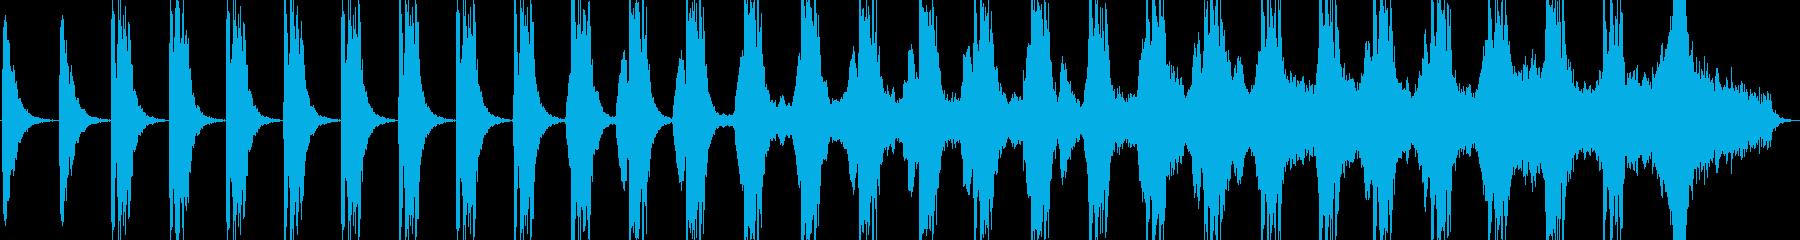 戦闘向けダークな雰囲気のBGMの再生済みの波形